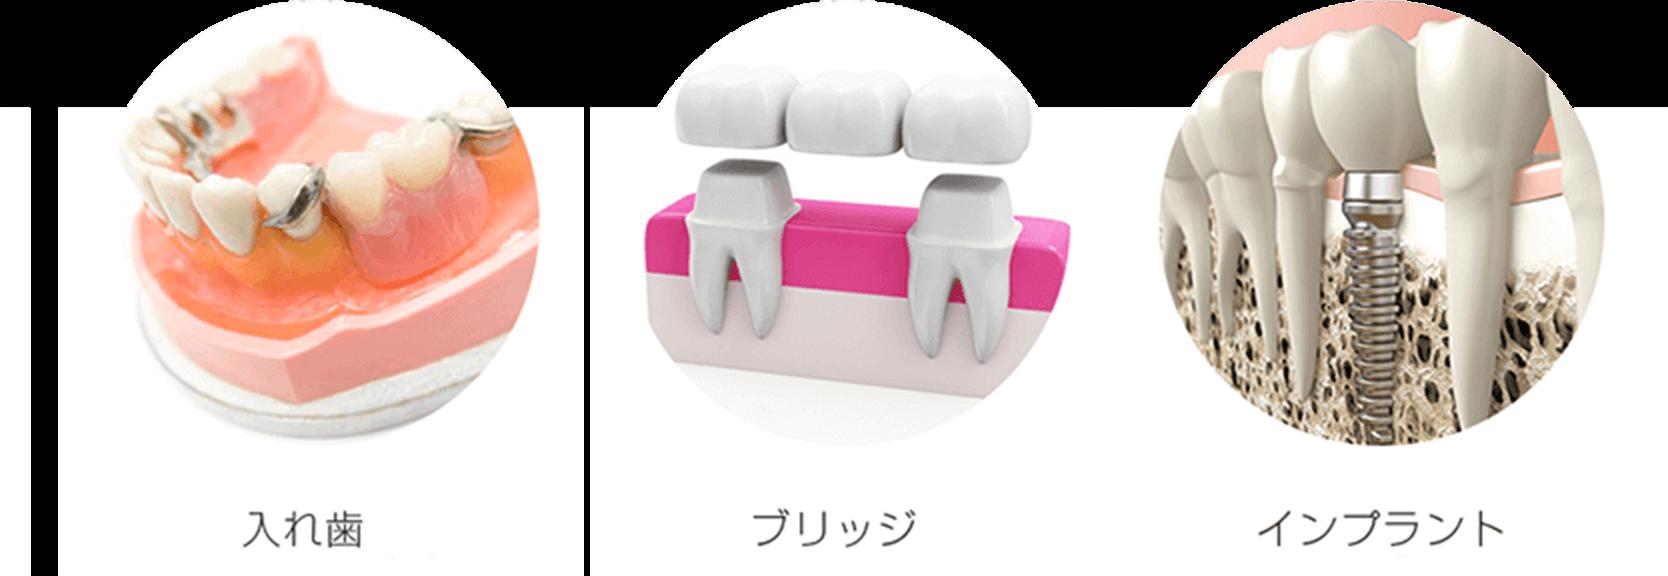 抜けた歯を入れる方法の3つ